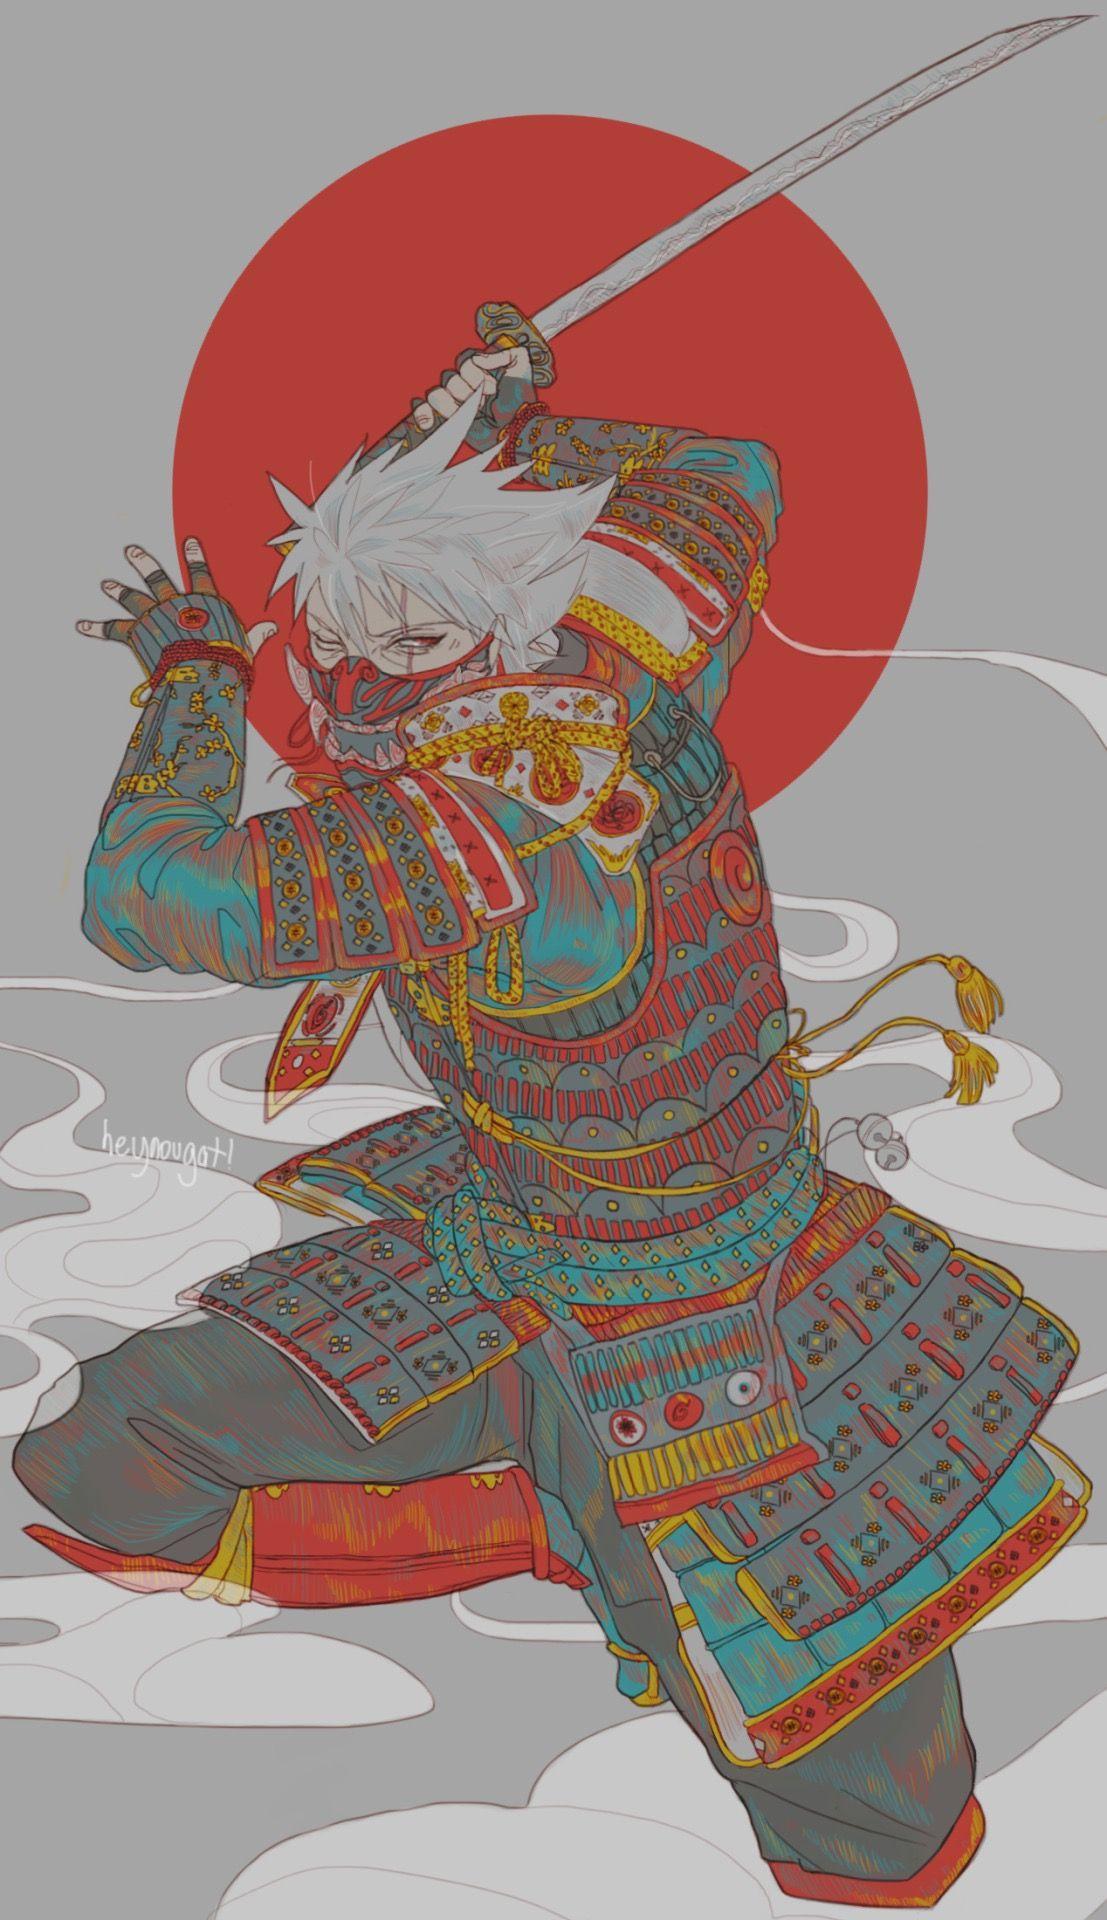 Pin By David Young On Naruto Samurai Artwork Naruto Art Concept Art Characters